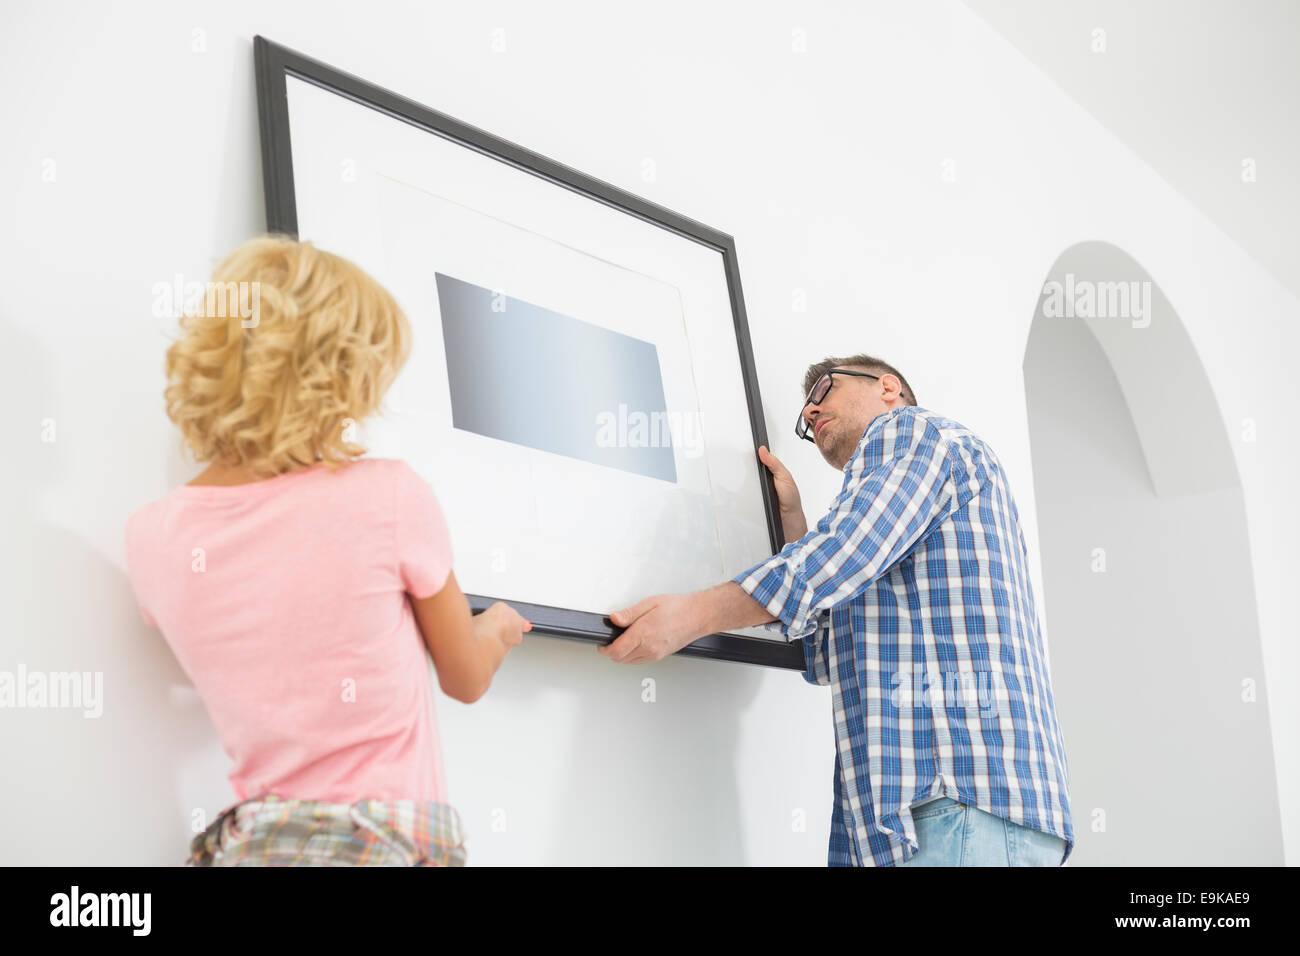 Paar Bilderrahmen an der Wand im neuen Haus hängen Stockfoto, Bild ...